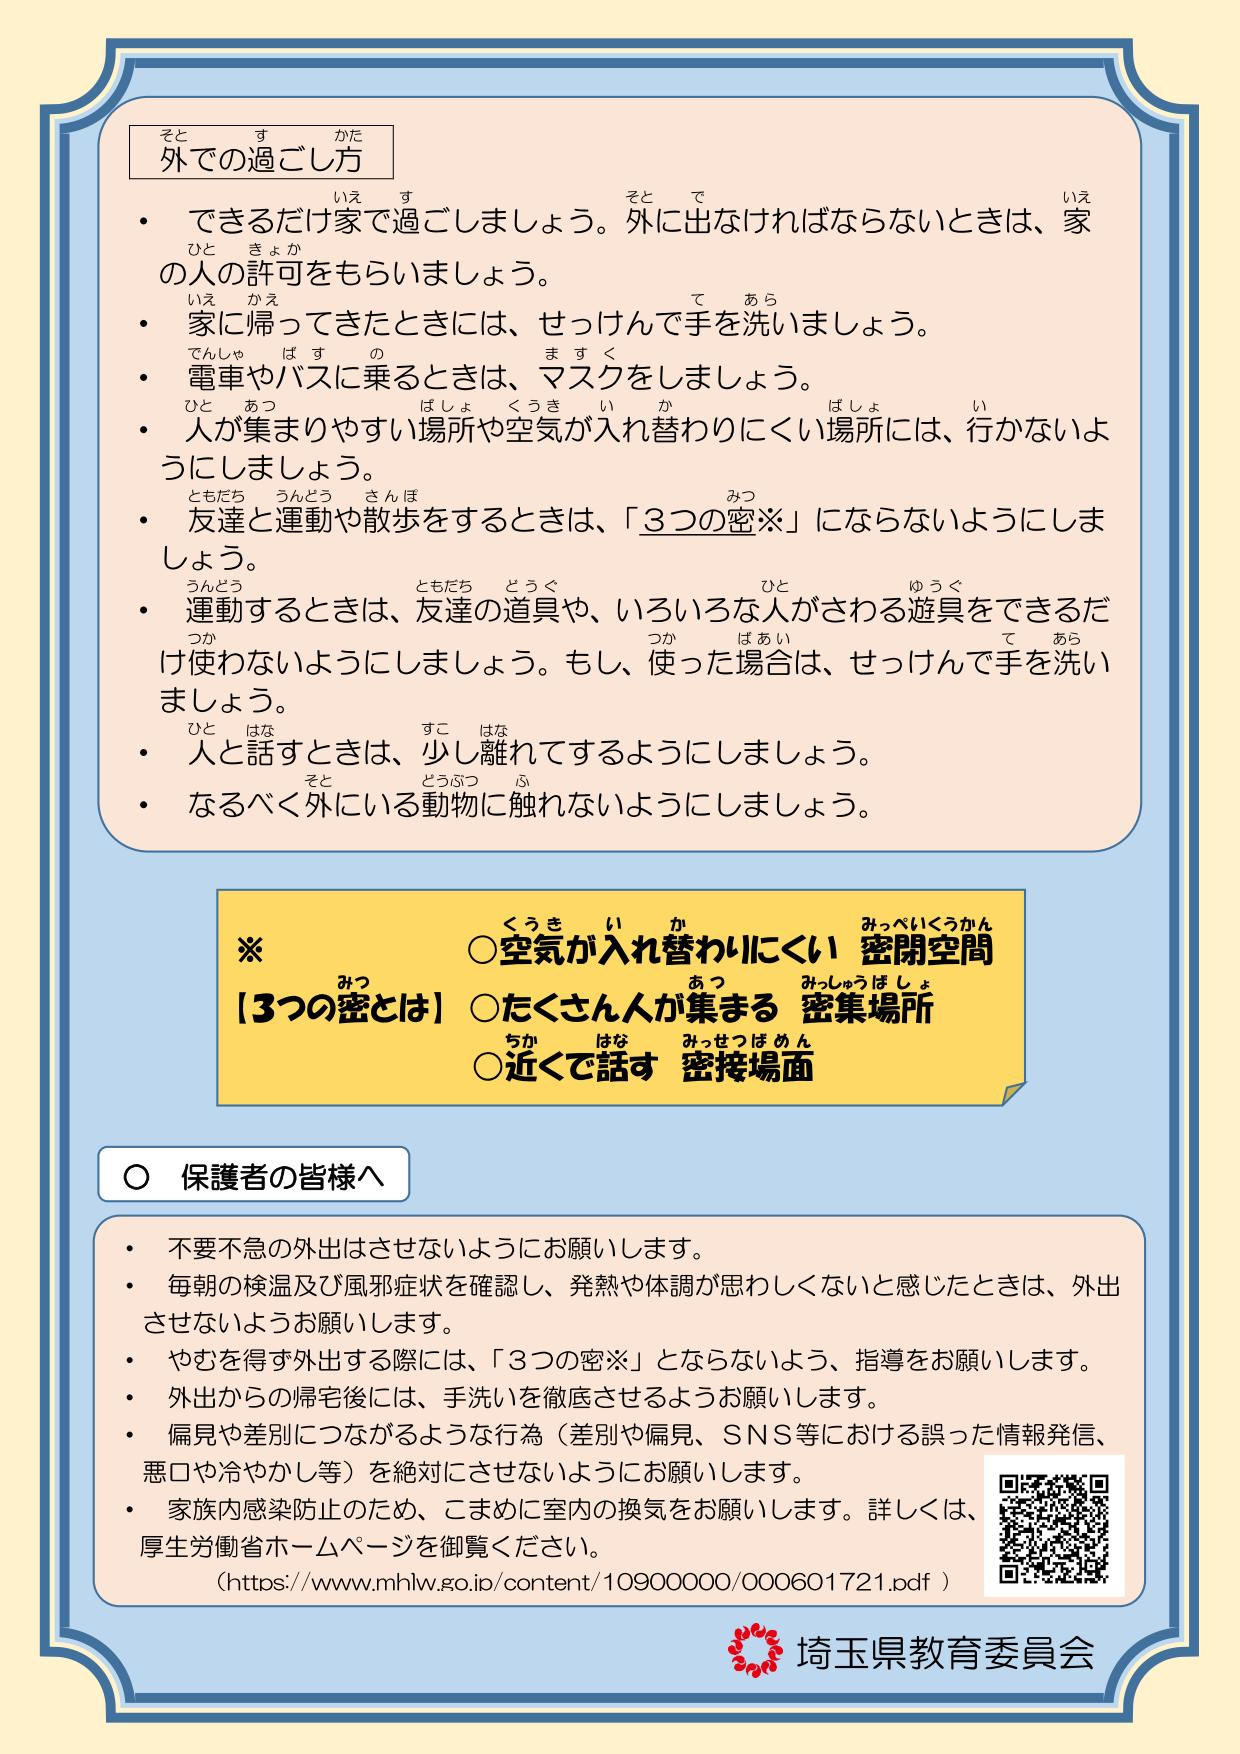 コロナ 埼玉 県